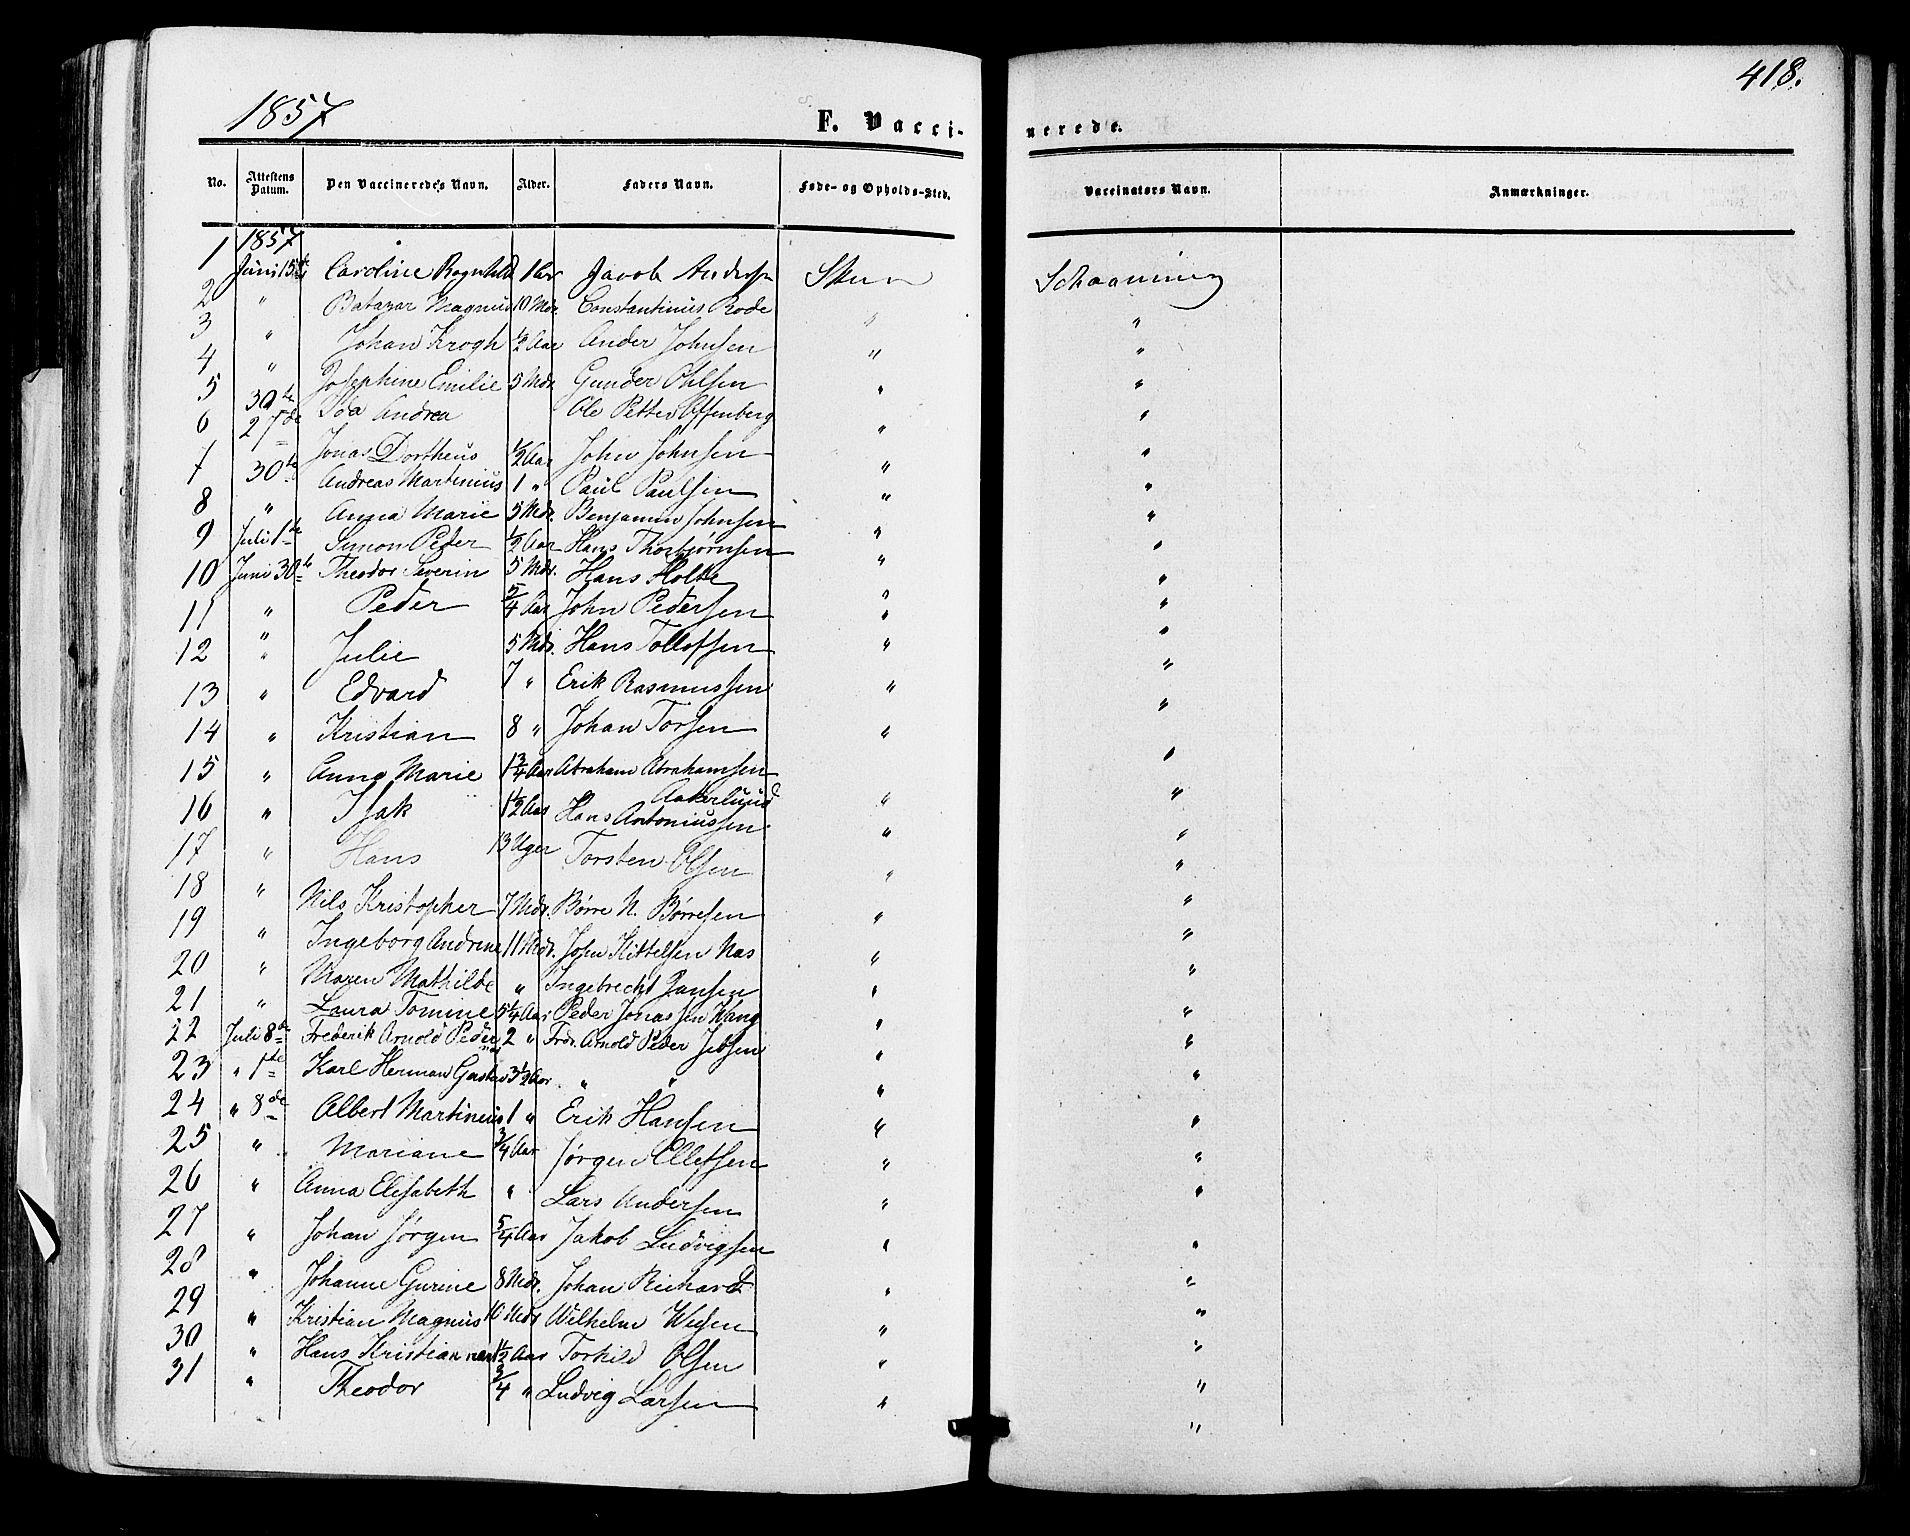 SAKO, Skien kirkebøker, F/Fa/L0007: Ministerialbok nr. 7, 1856-1865, s. 418